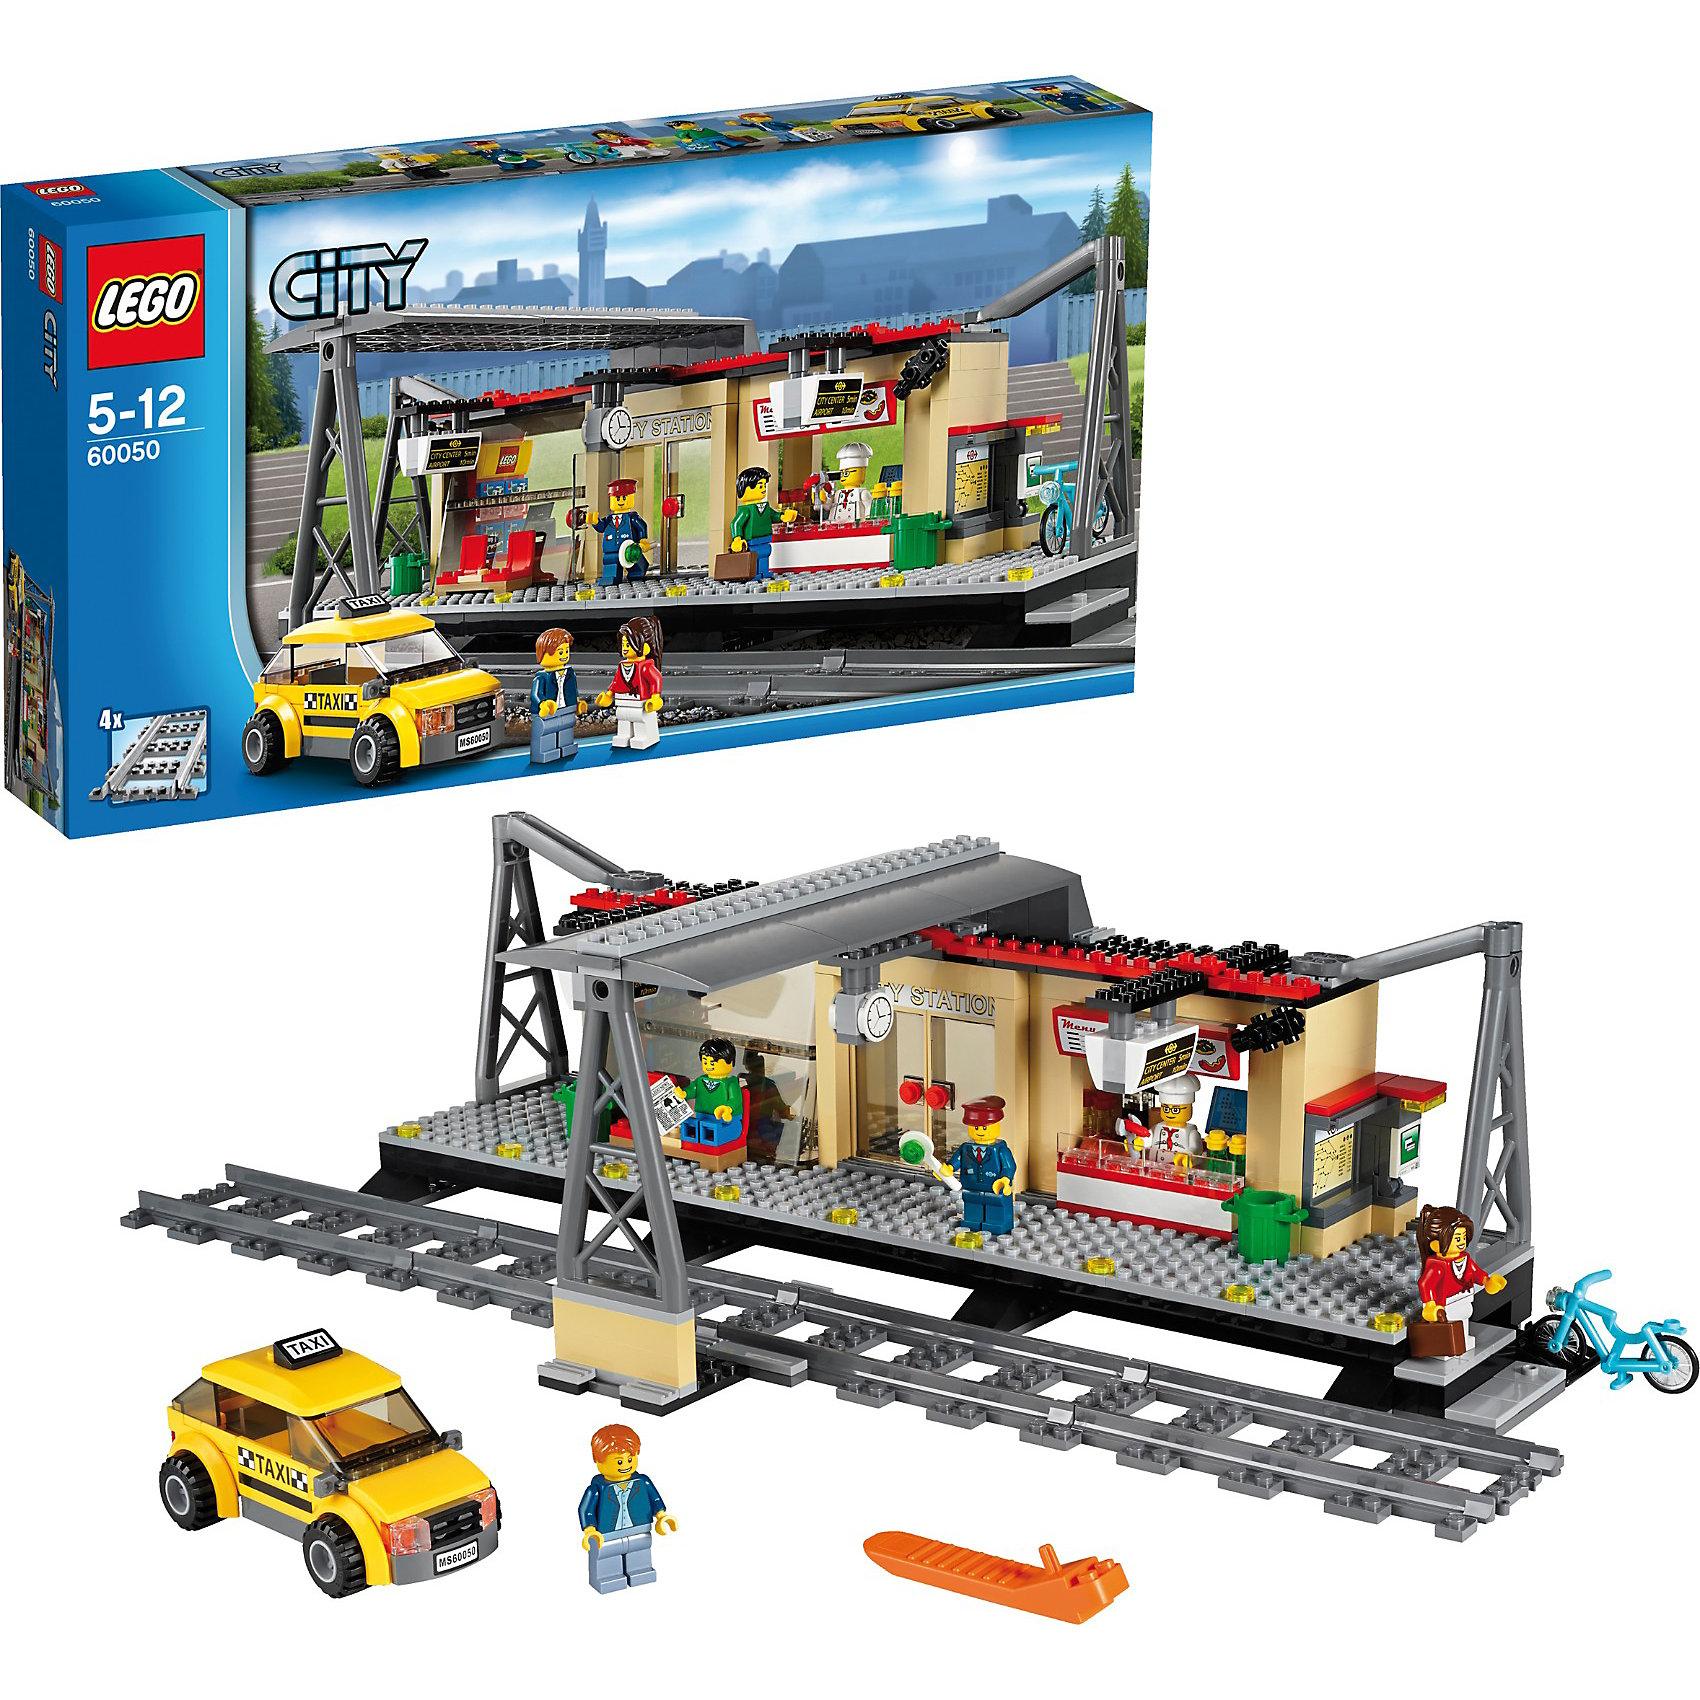 LEGO LEGO City 60050: Железнодорожная станция lego city 60110 лего город пожарная часть